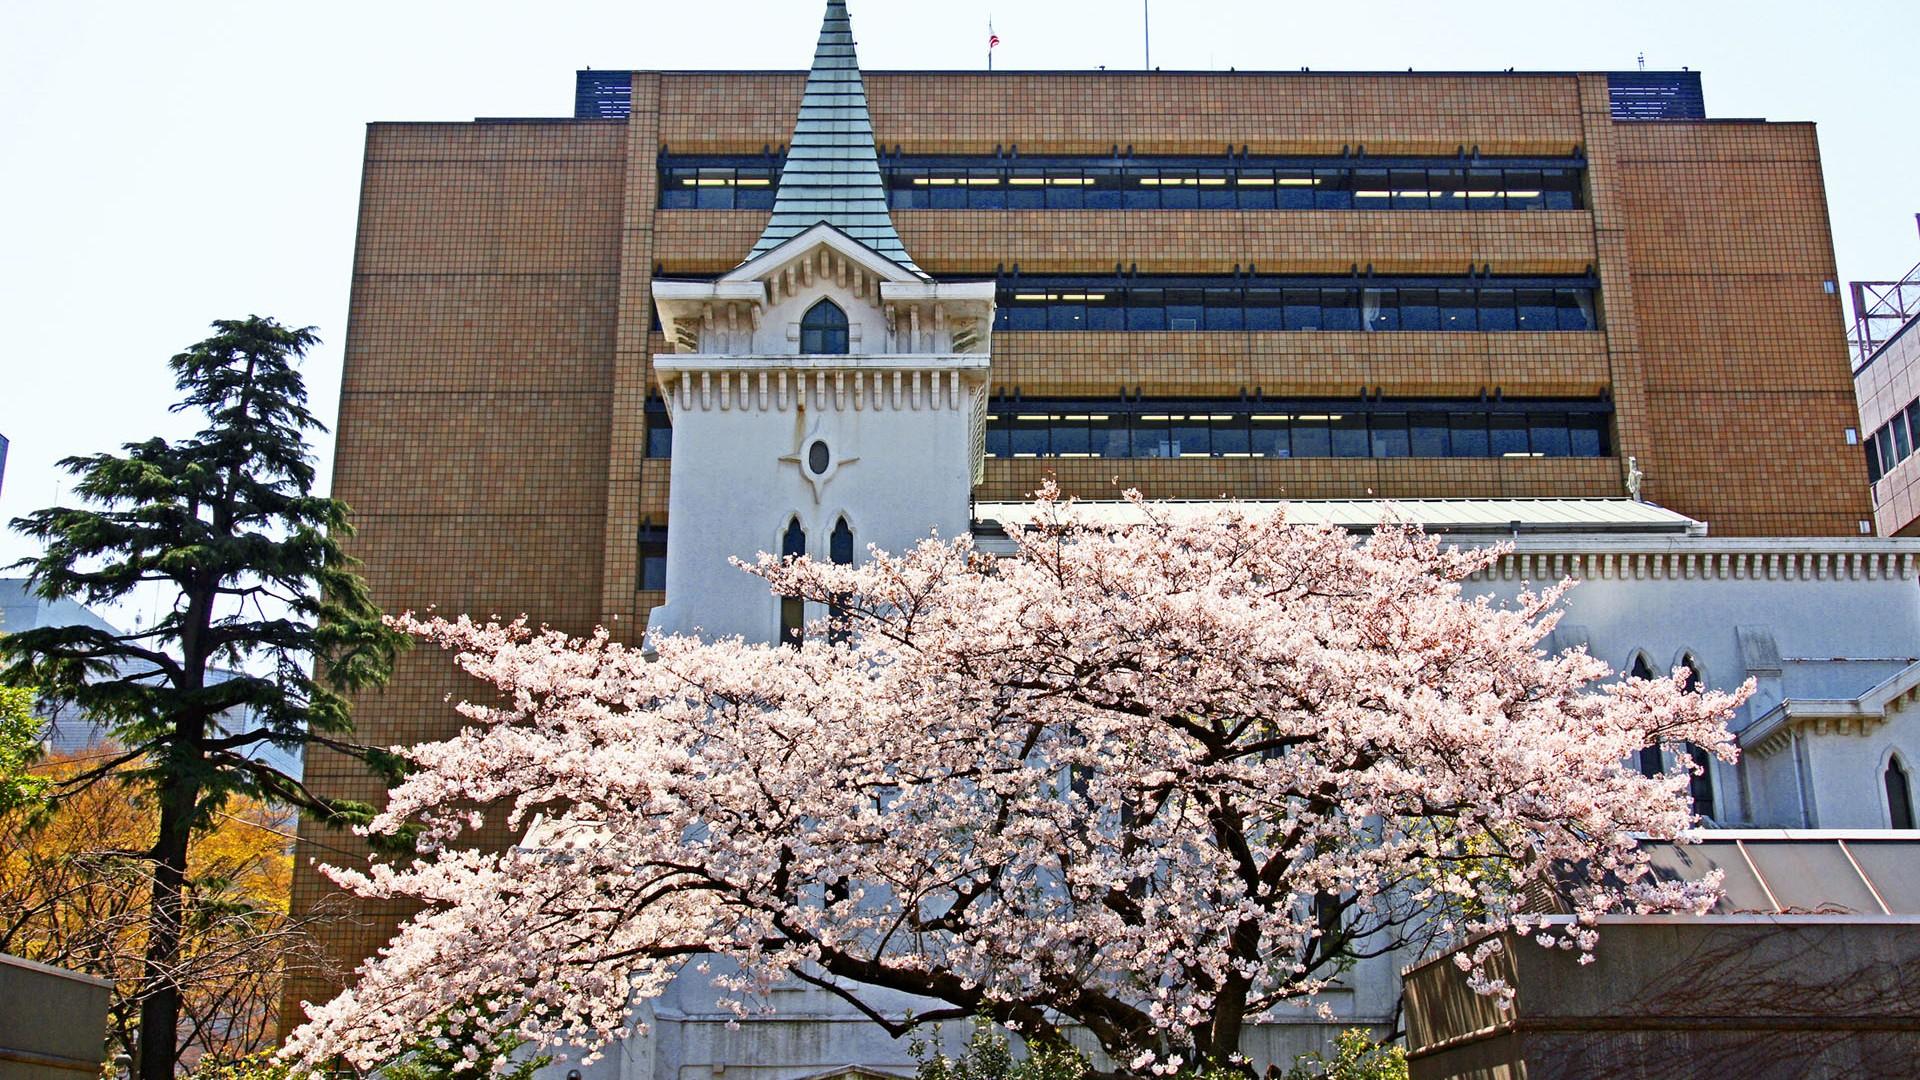 Kaiko Hiroba (Quảng trường kỉ niệm ngày mở cảng Yokohama)